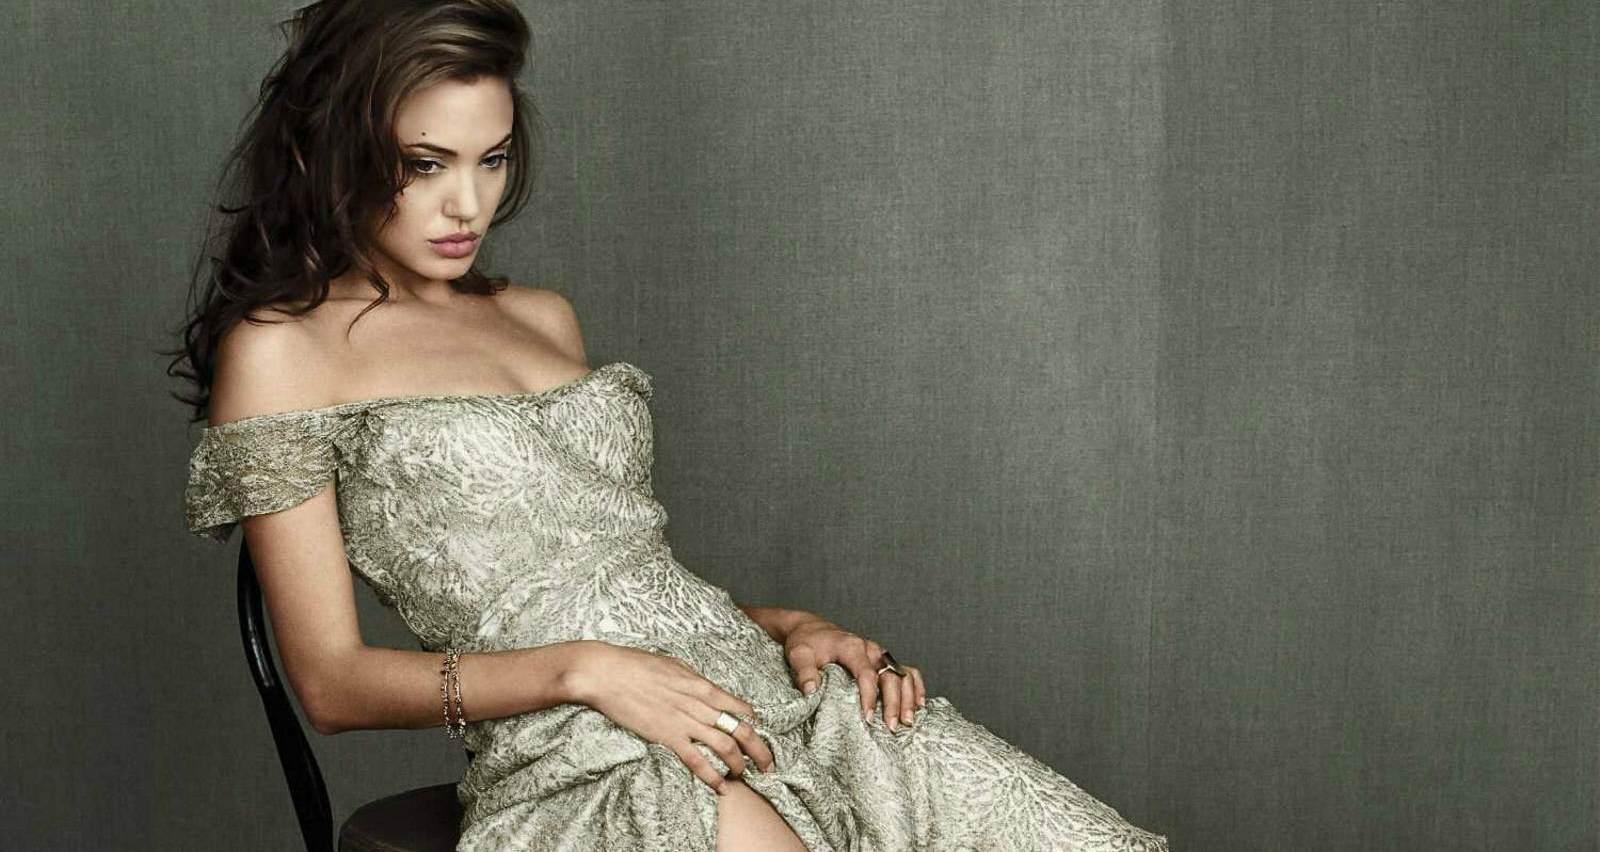 Wallpaper Of Angelina Jolie